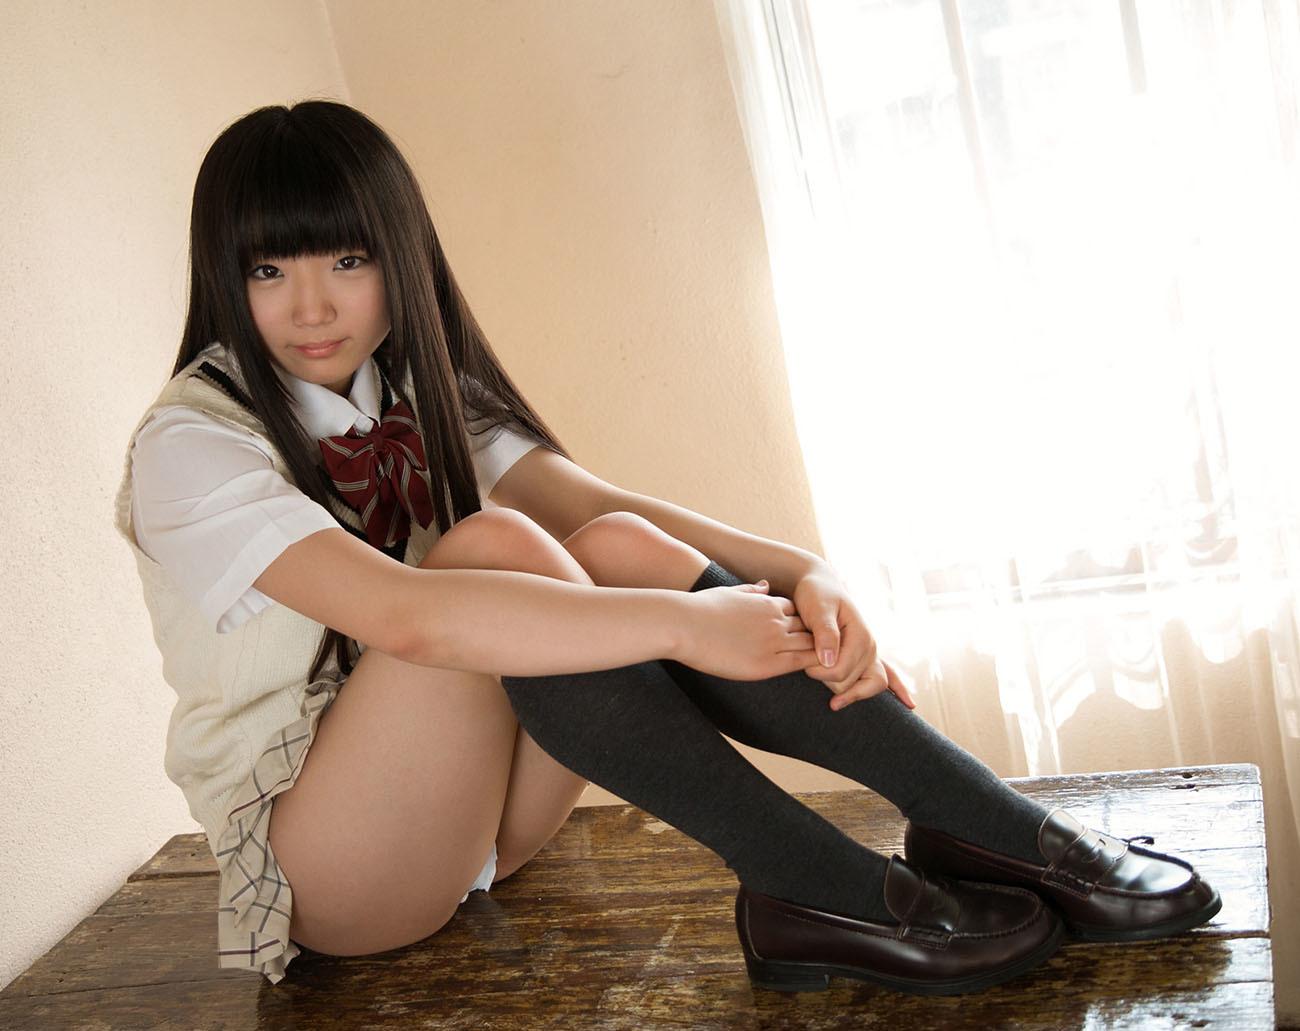 体育座りでパンツ見せてる美少女女子校生!